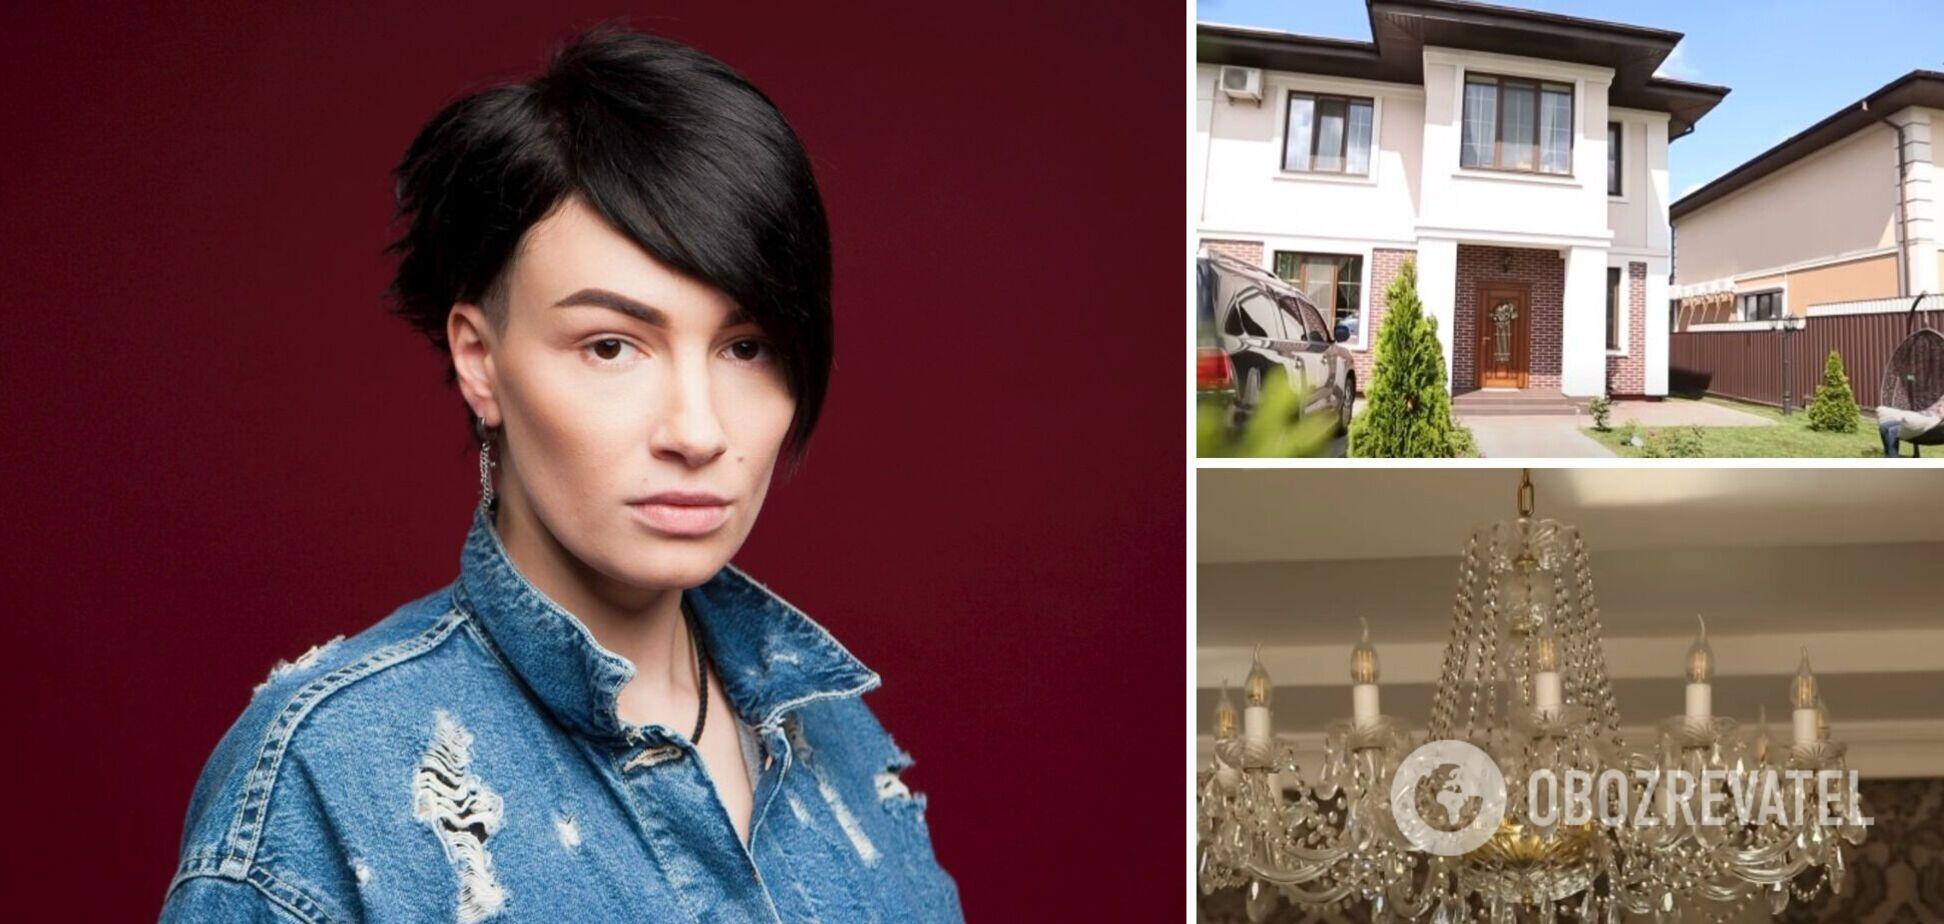 Приходько показала свой элитный особняк с люстрой за 30 тысяч гривен. Фото и видео